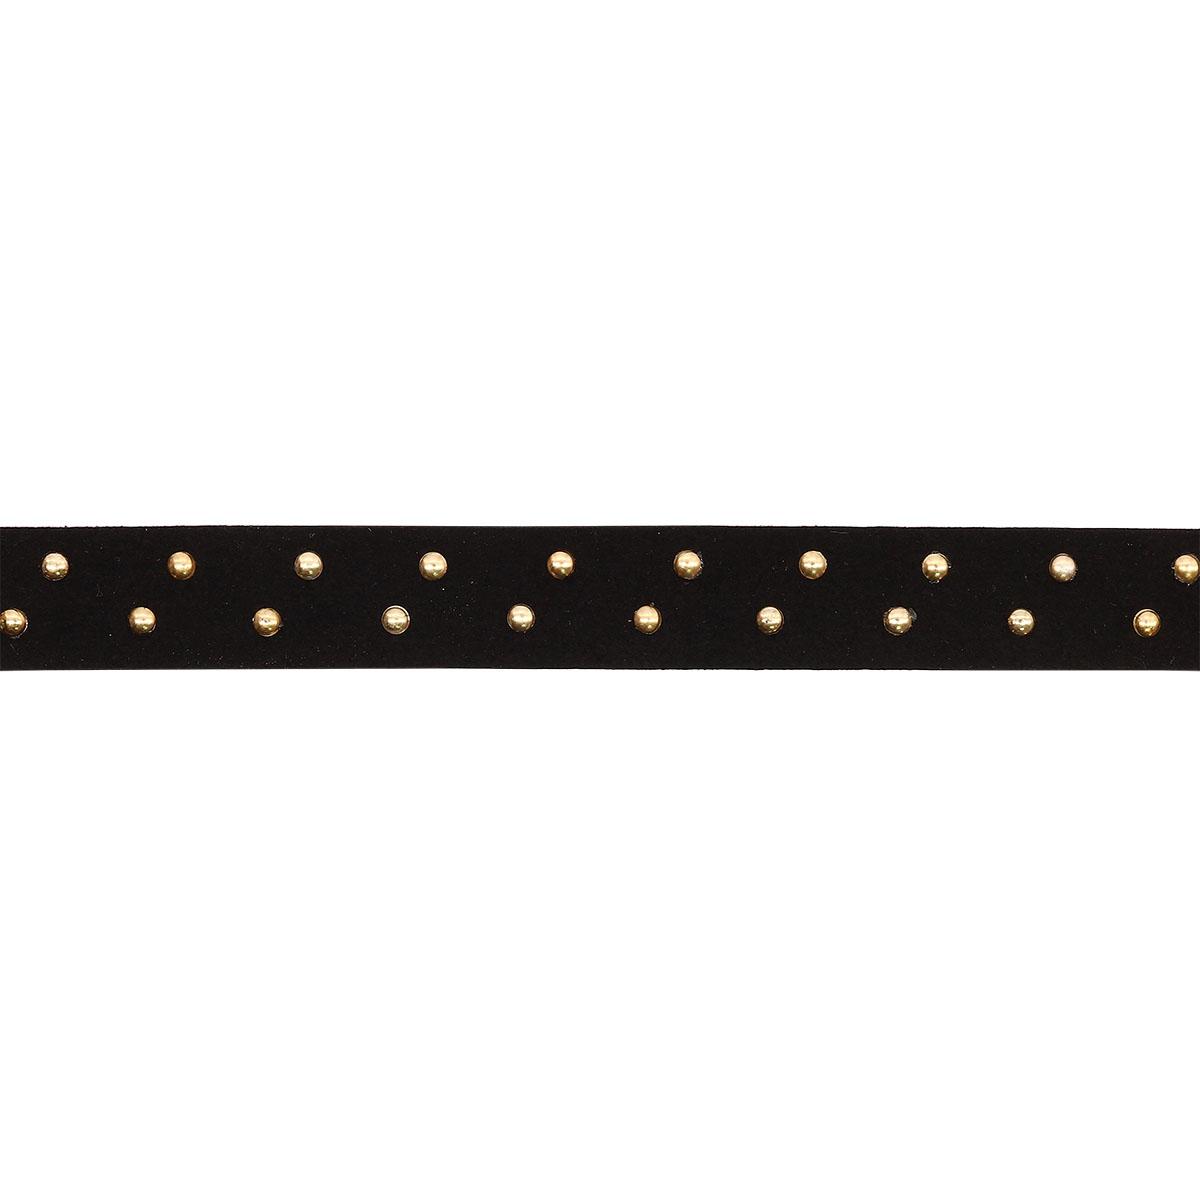 3AR456 Шнур замшевый с металл. клепками 14мм*4м, цв. золото